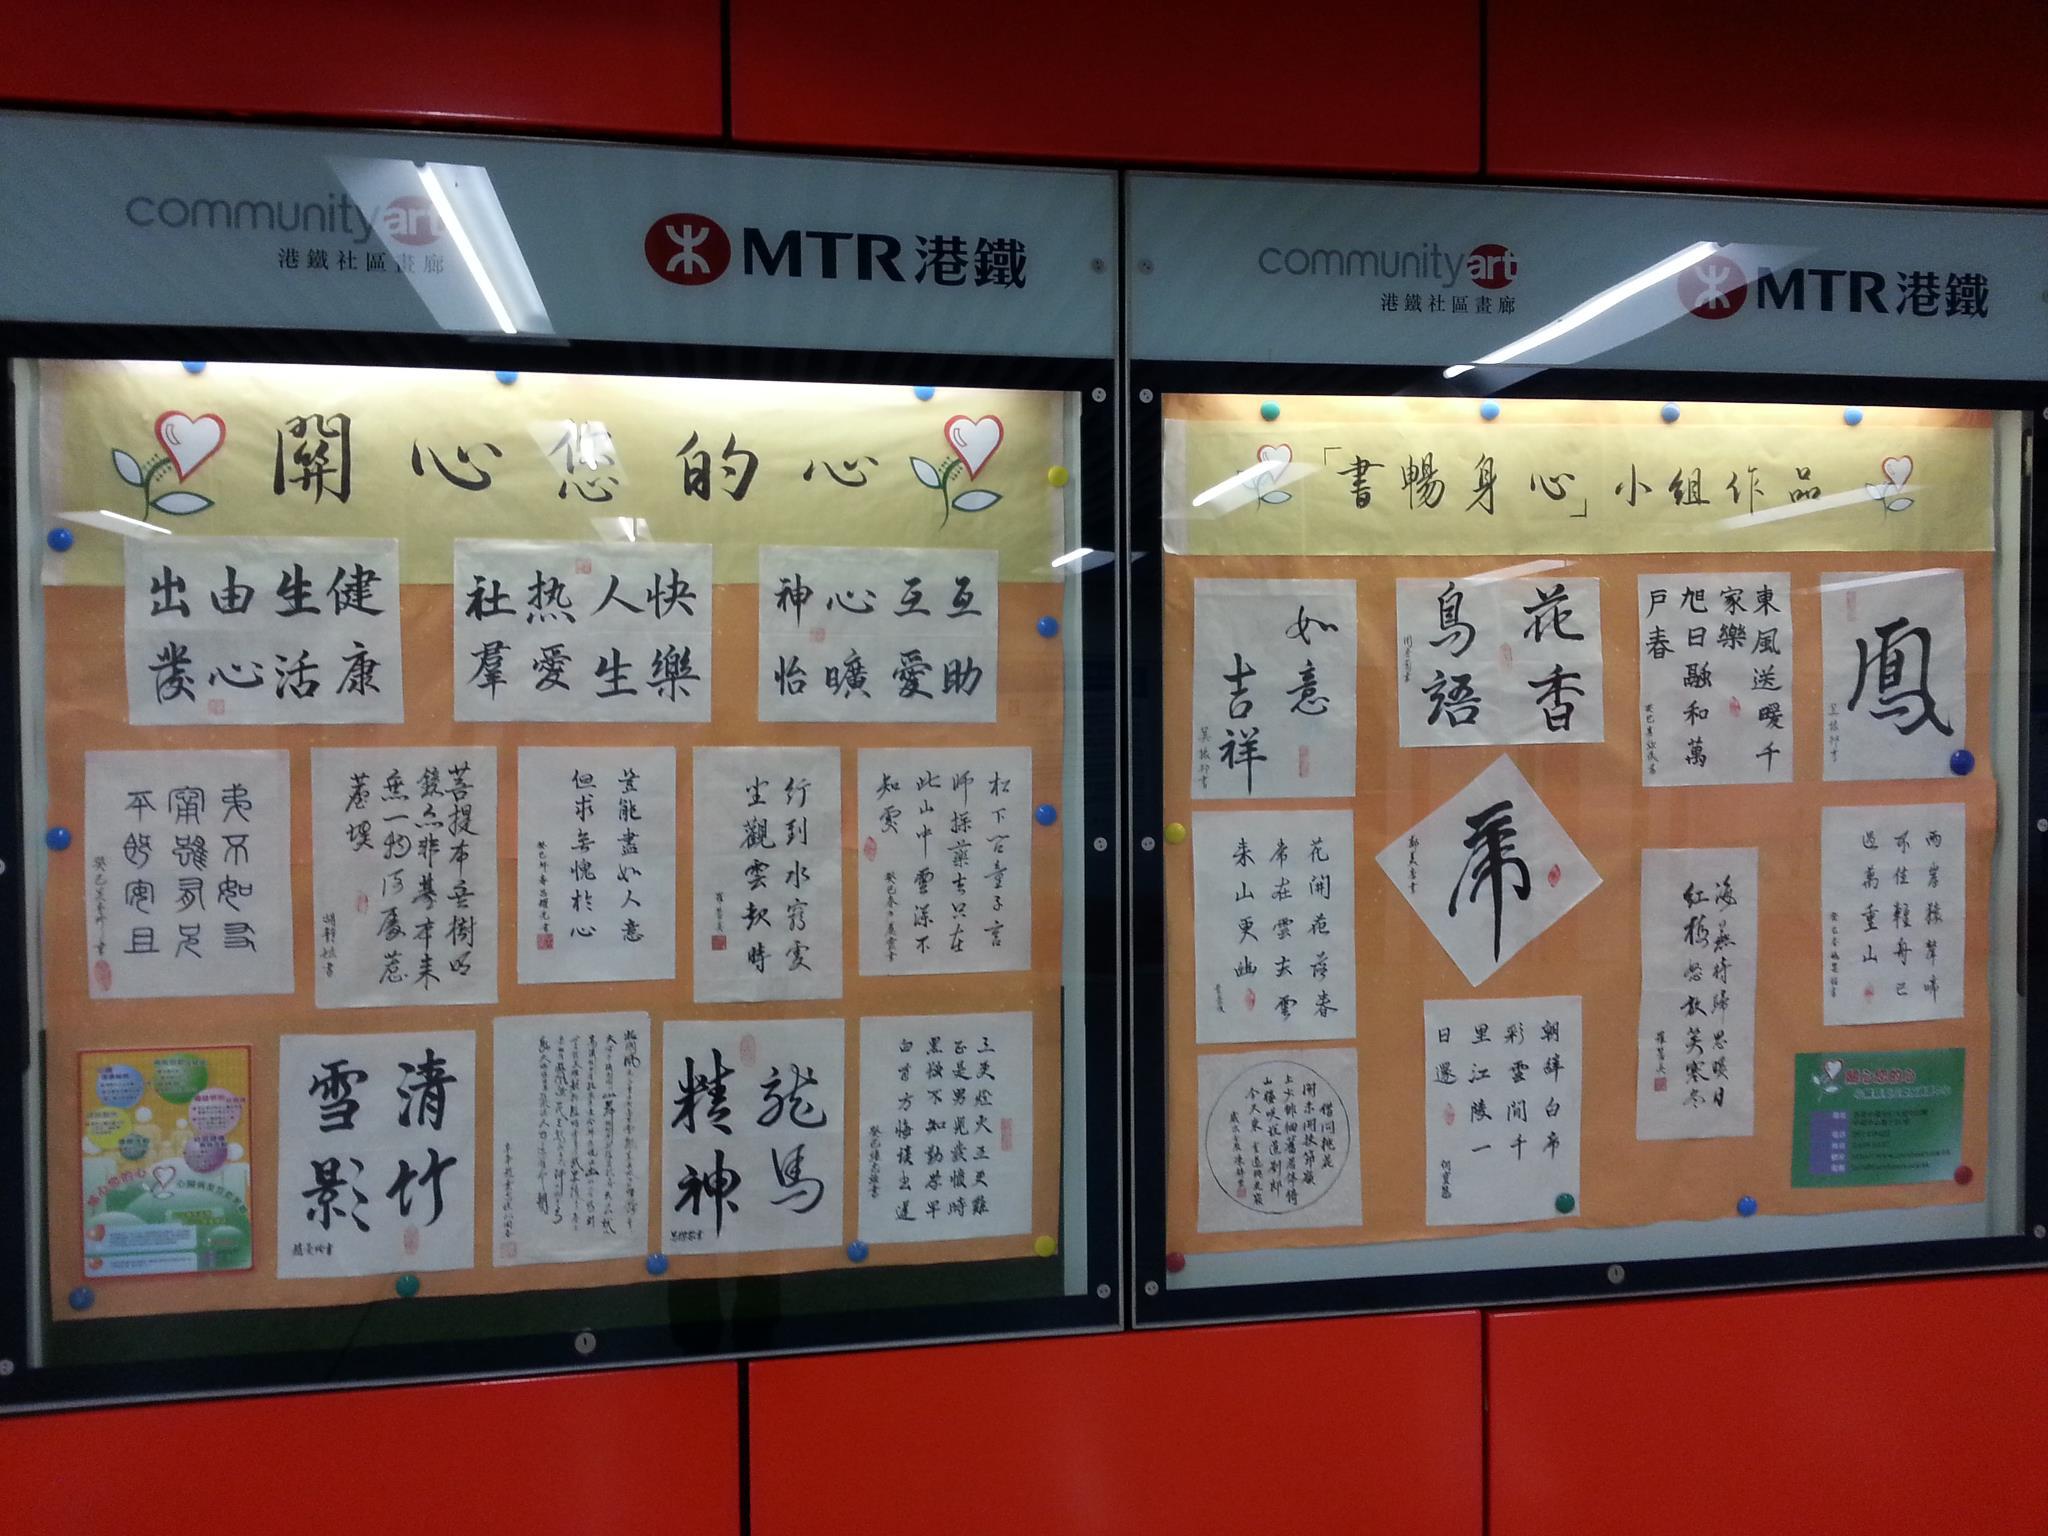 中環地鐵站書法展覽